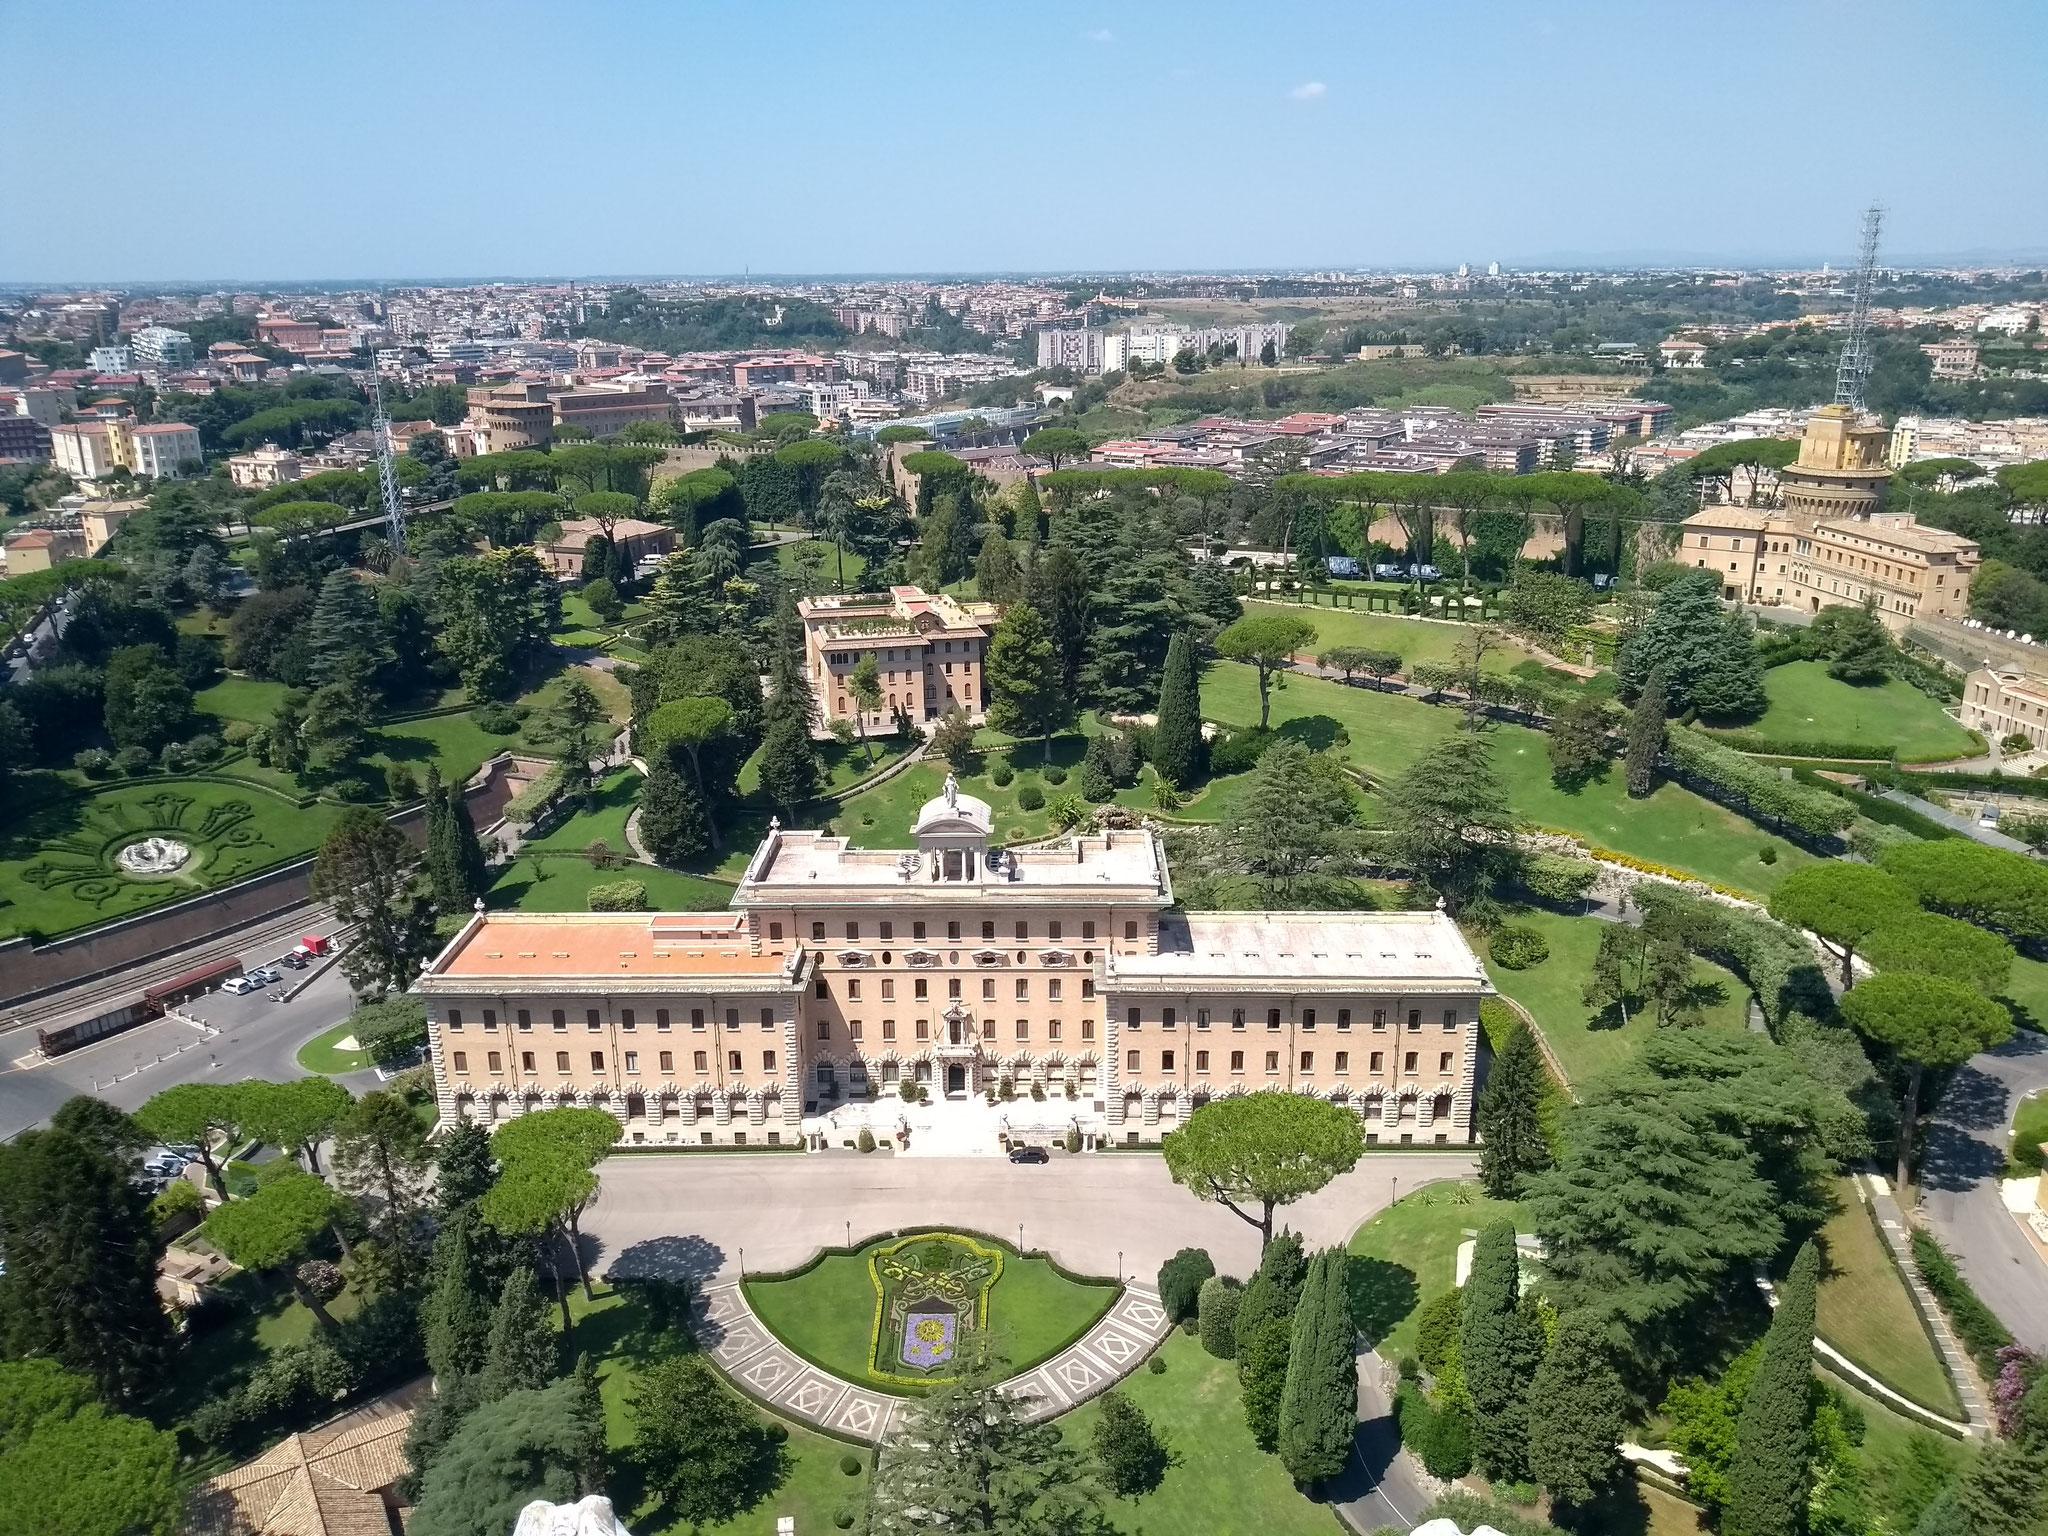 Vatikanische Gärten - Vatikanisches Regierungsgebäude